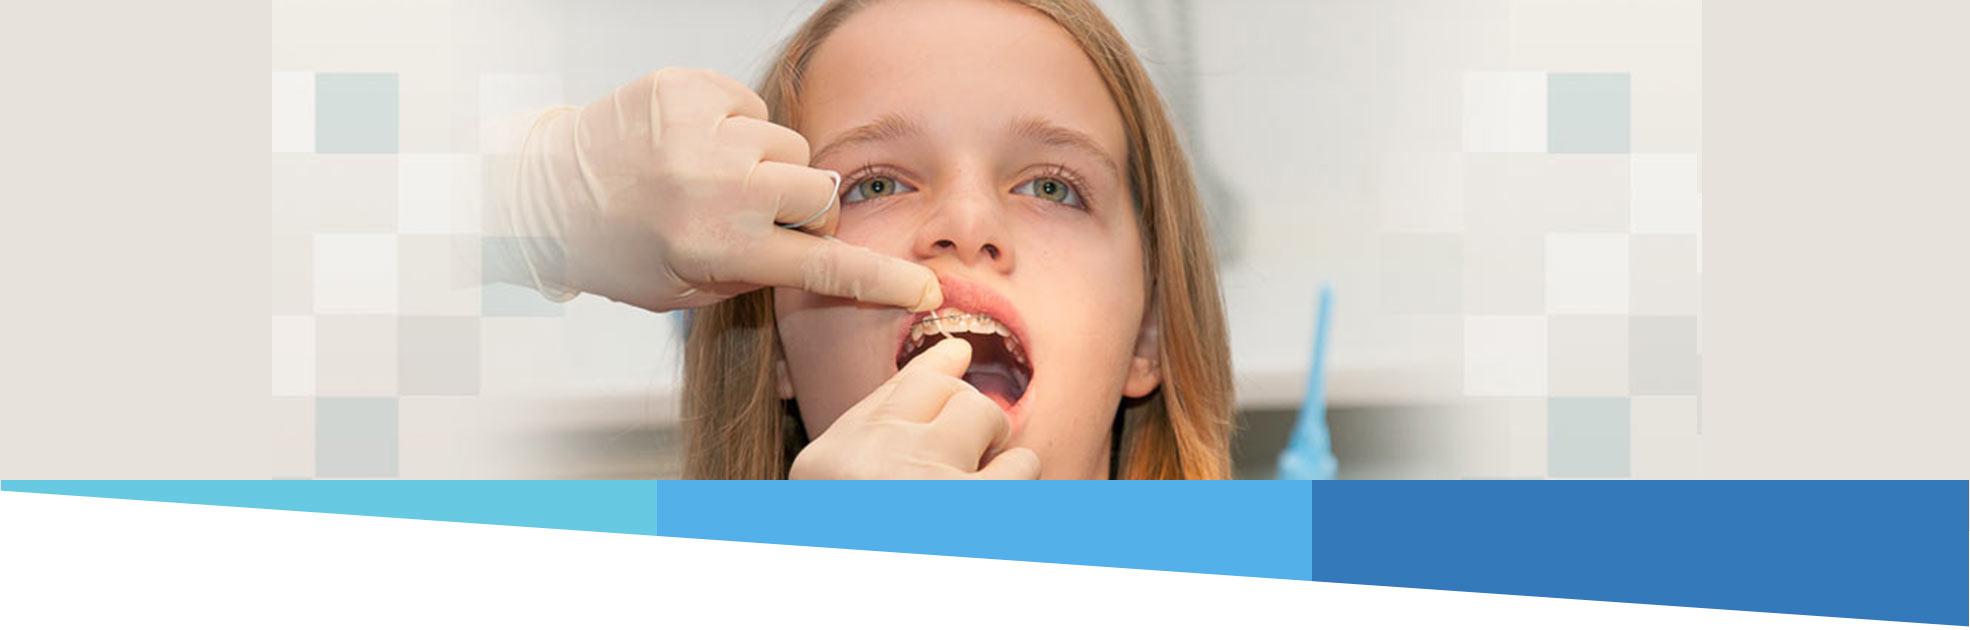 Zahnseidebehandlung bei einer Spange